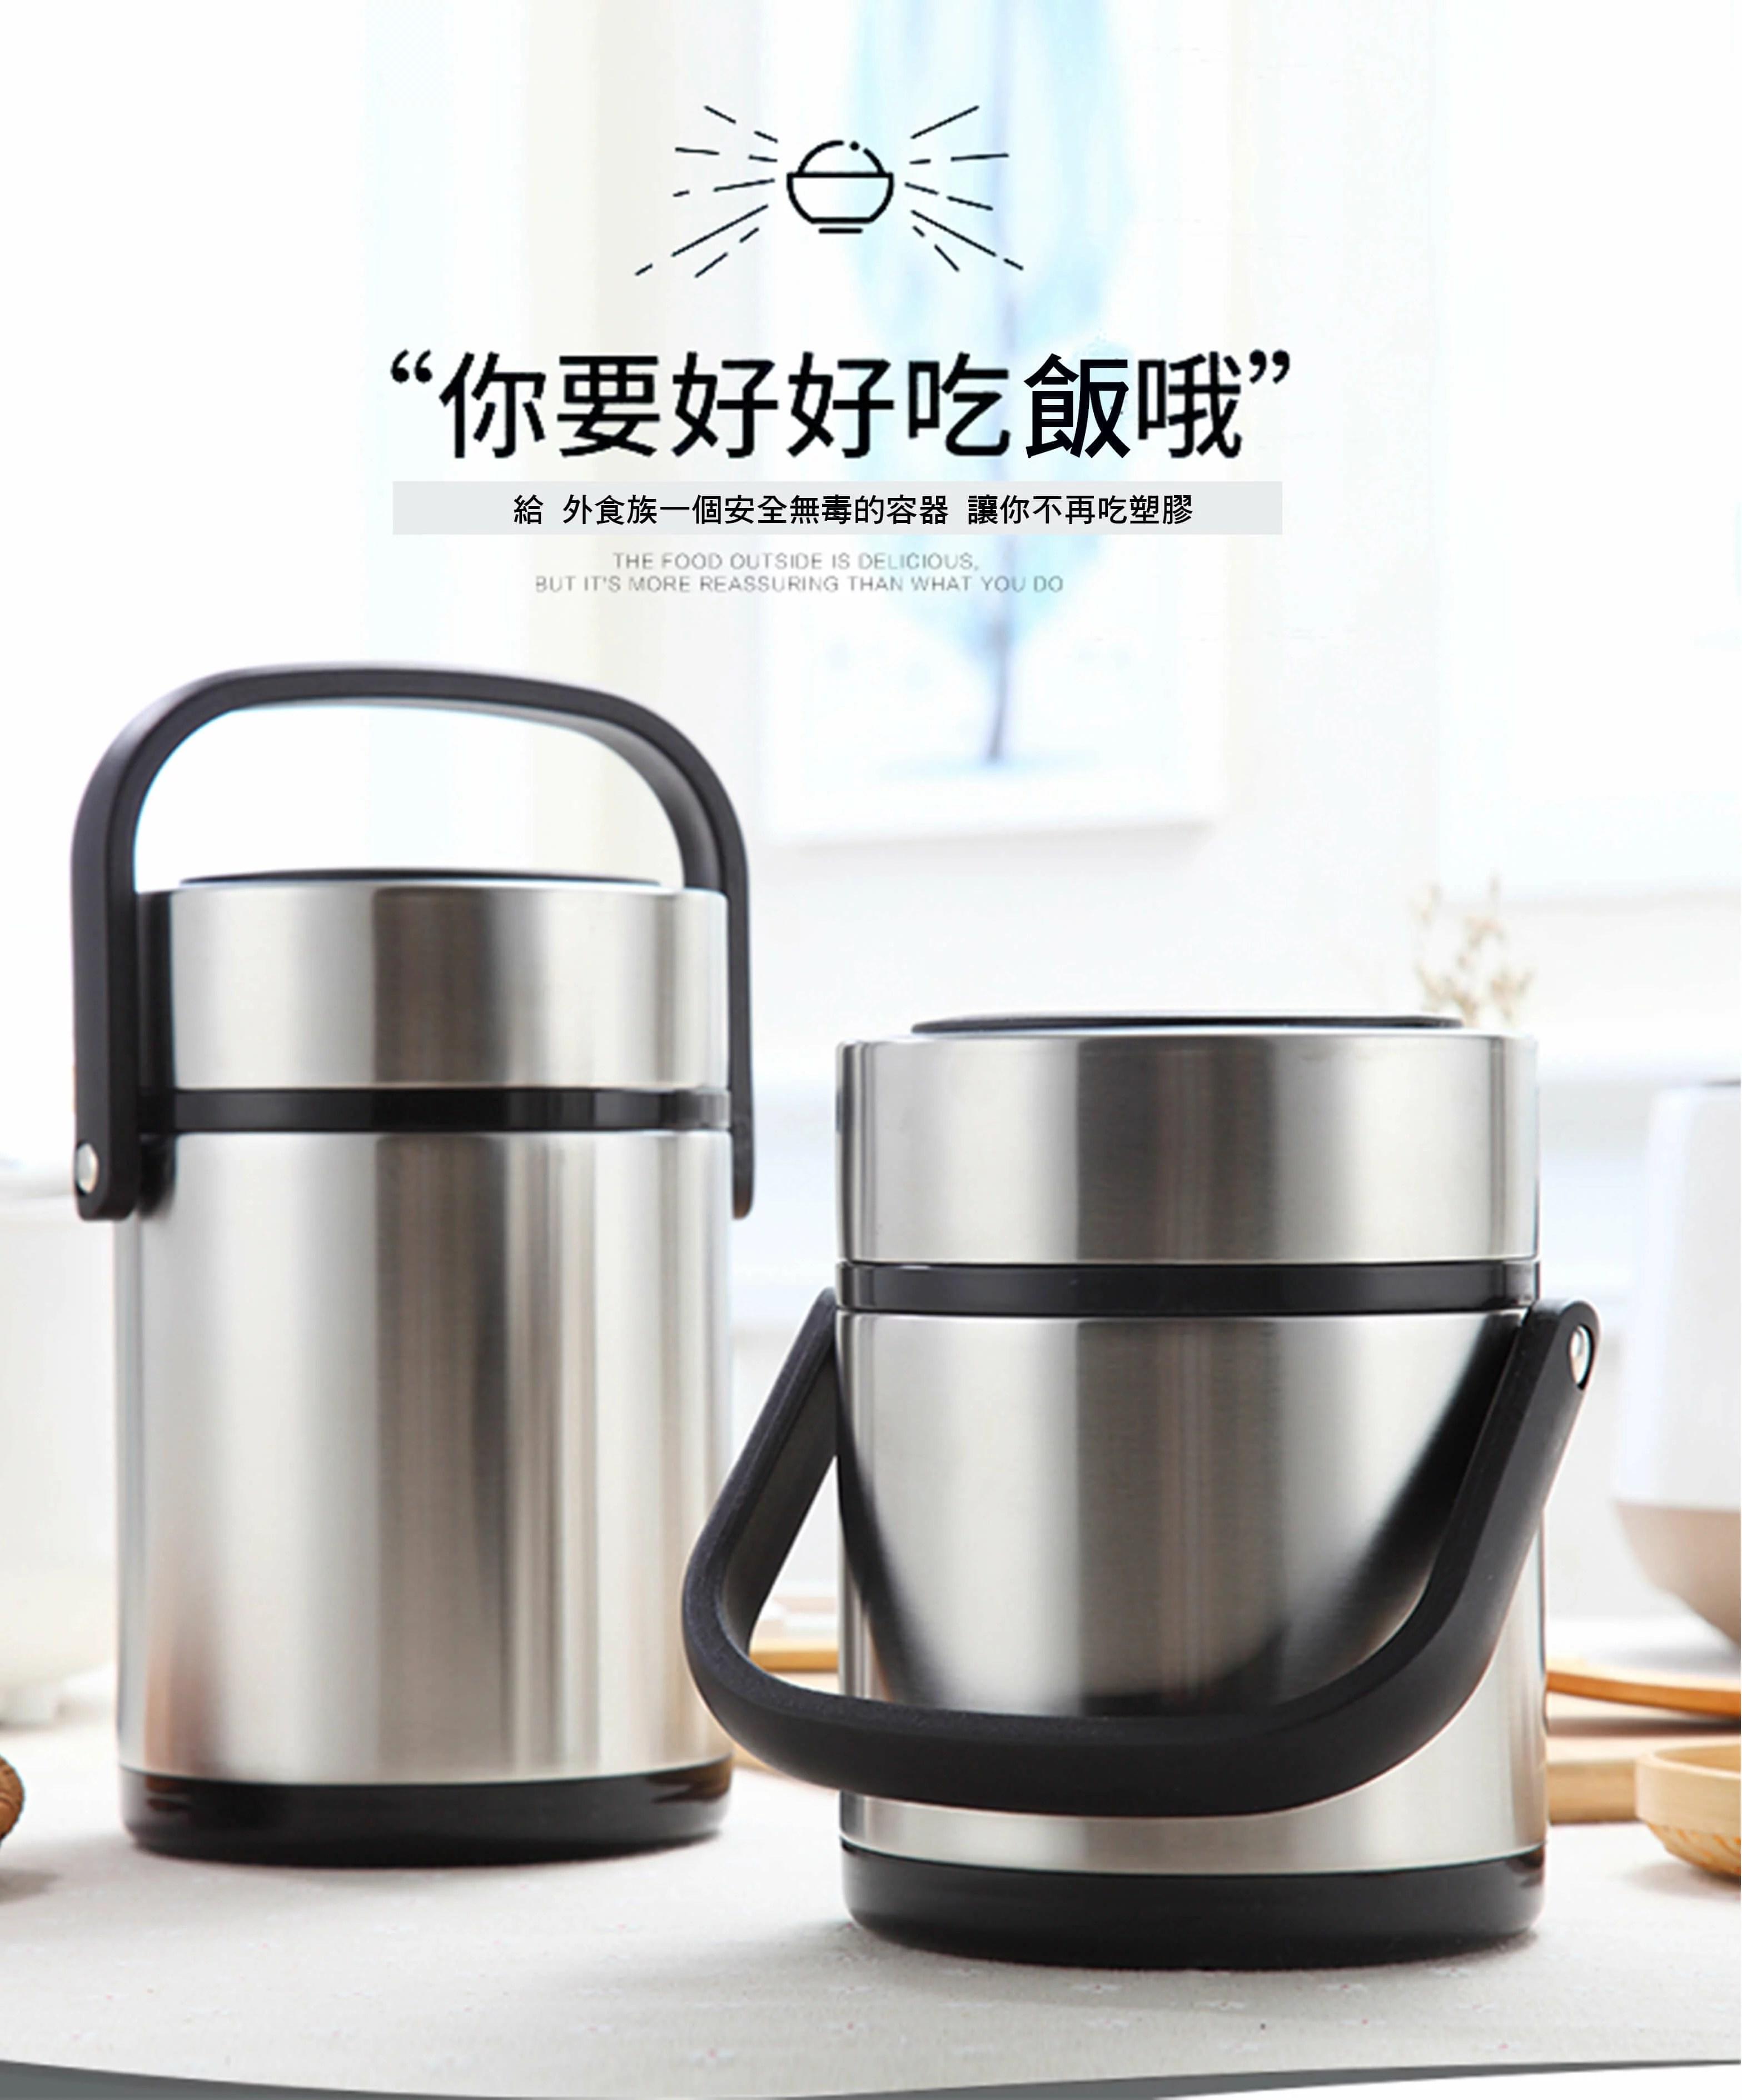 手提 不鏽鋼 提鍋 雙層 保溫 的價格 - EZprice比價網